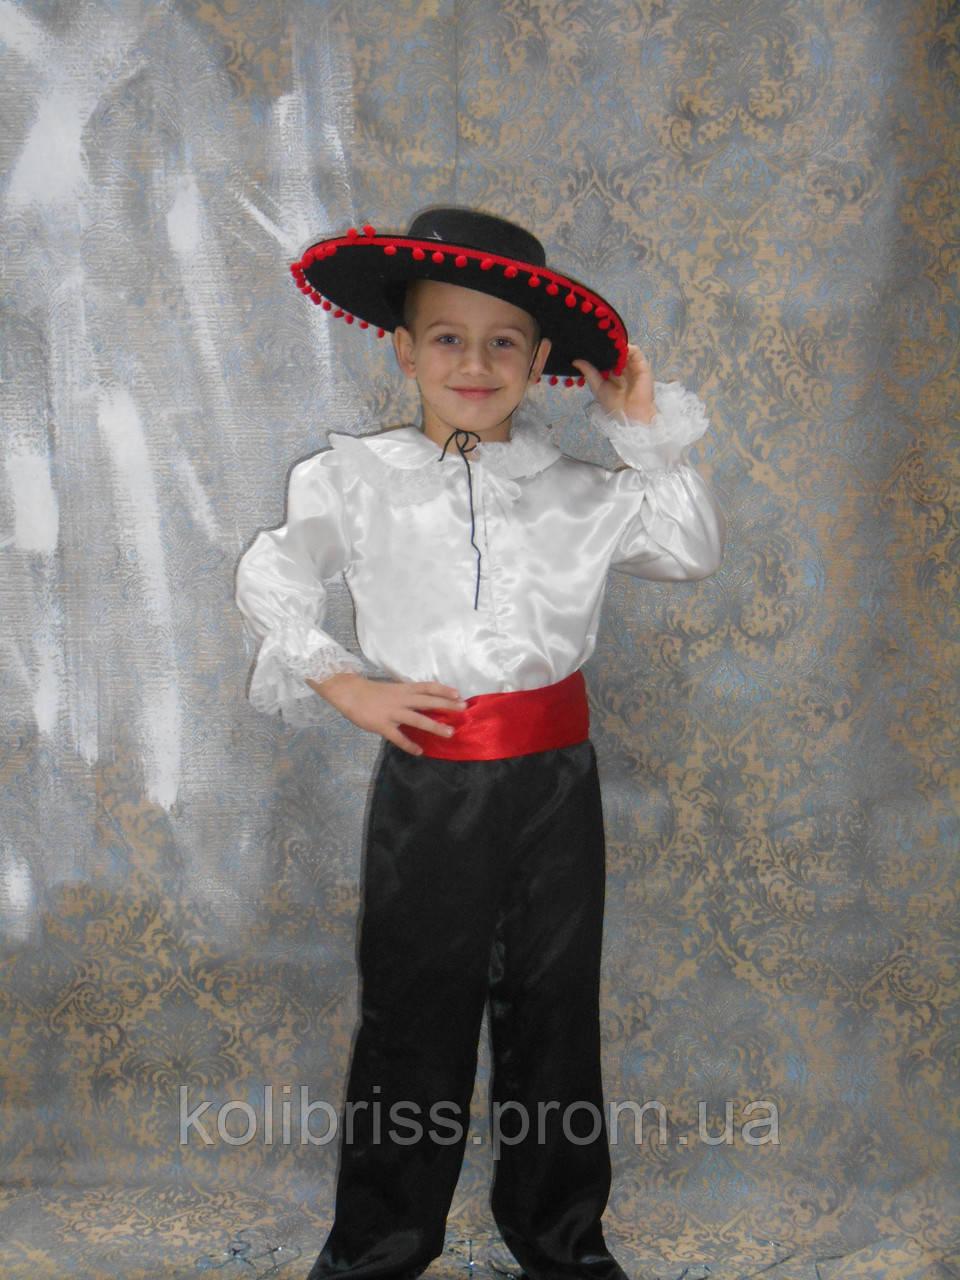 Костюм испанца своими руками фото